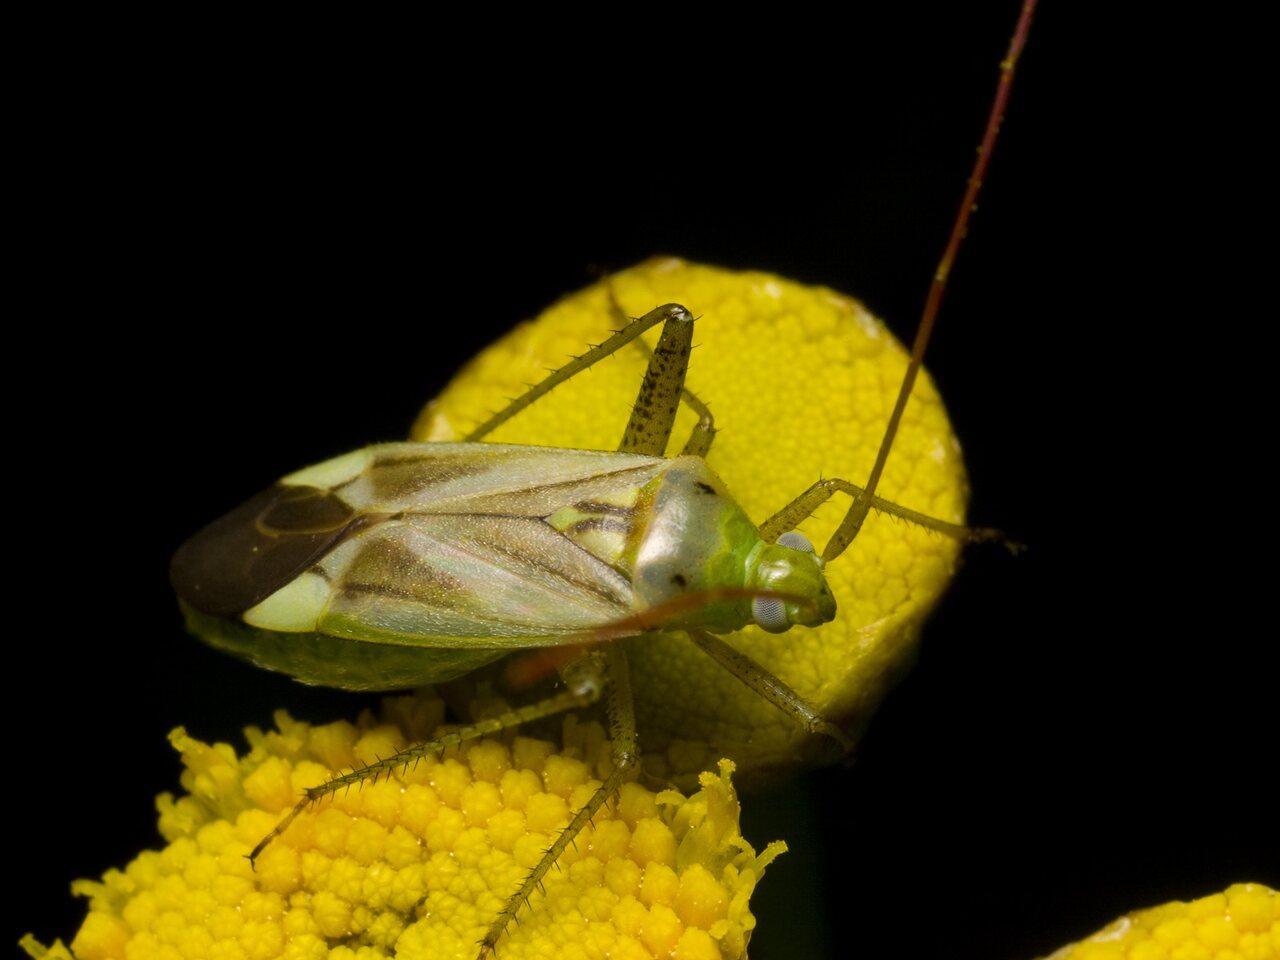 Adelphocoris-lineolatus-1132.jpg